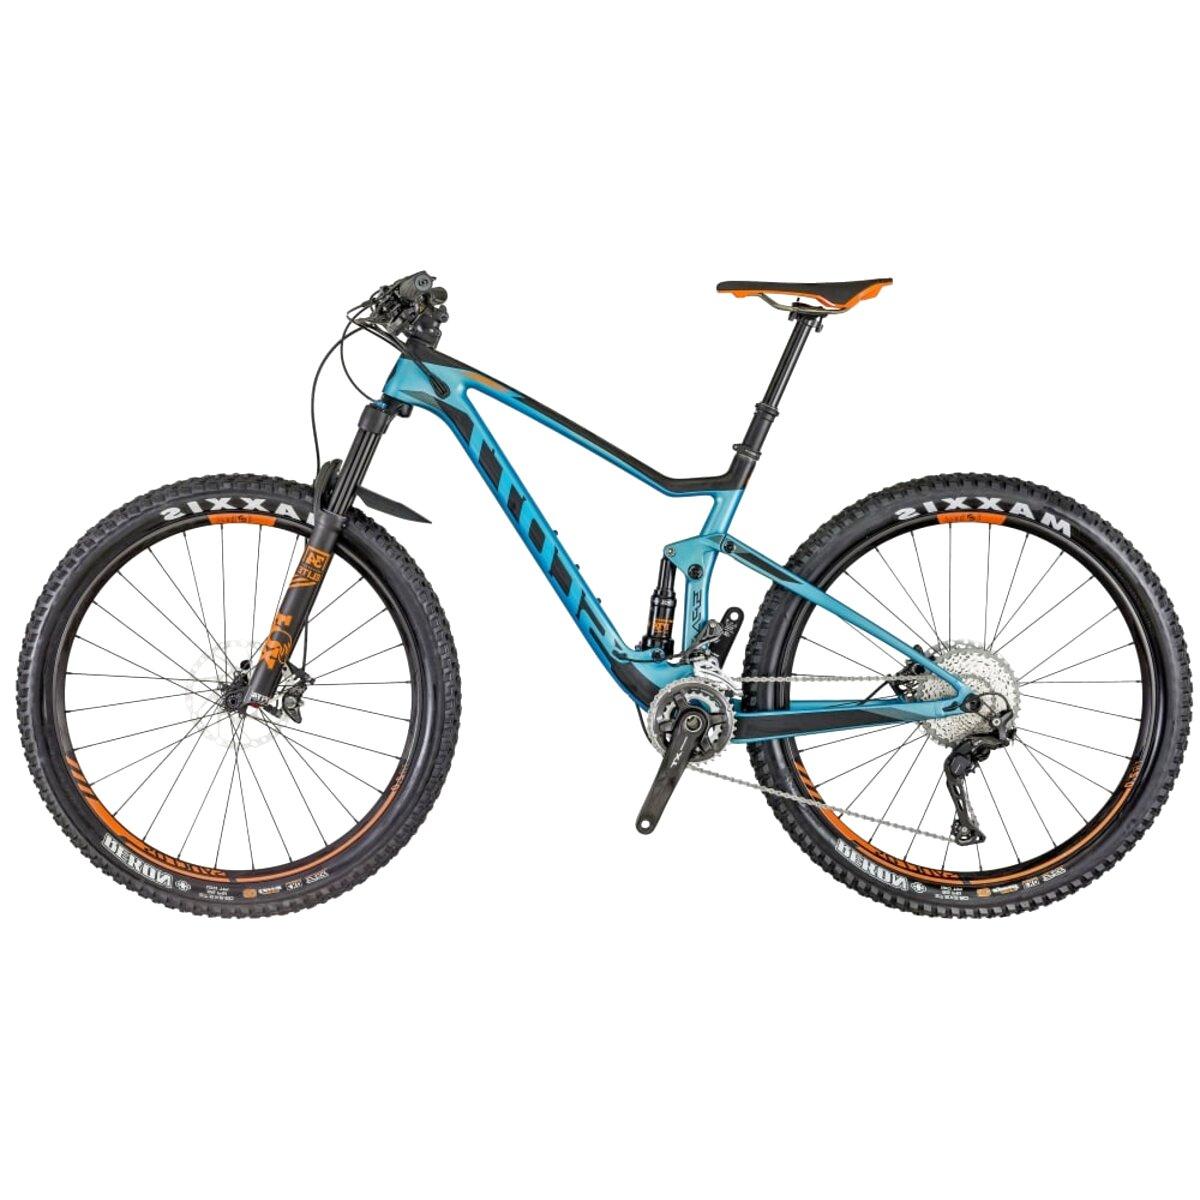 scott full suspension mountain bike for sale